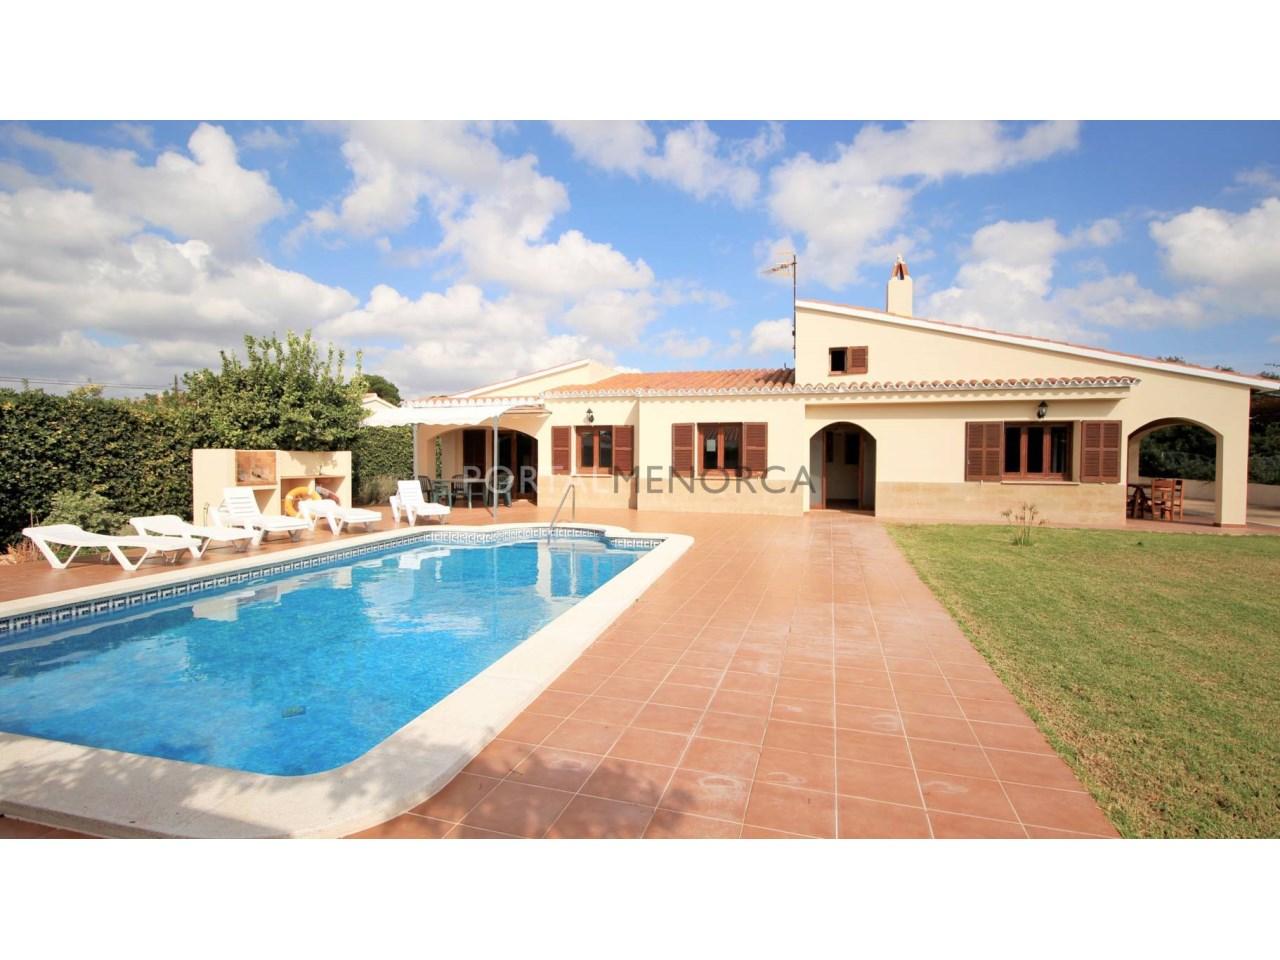 Chalet en venta en Menorca con piscina